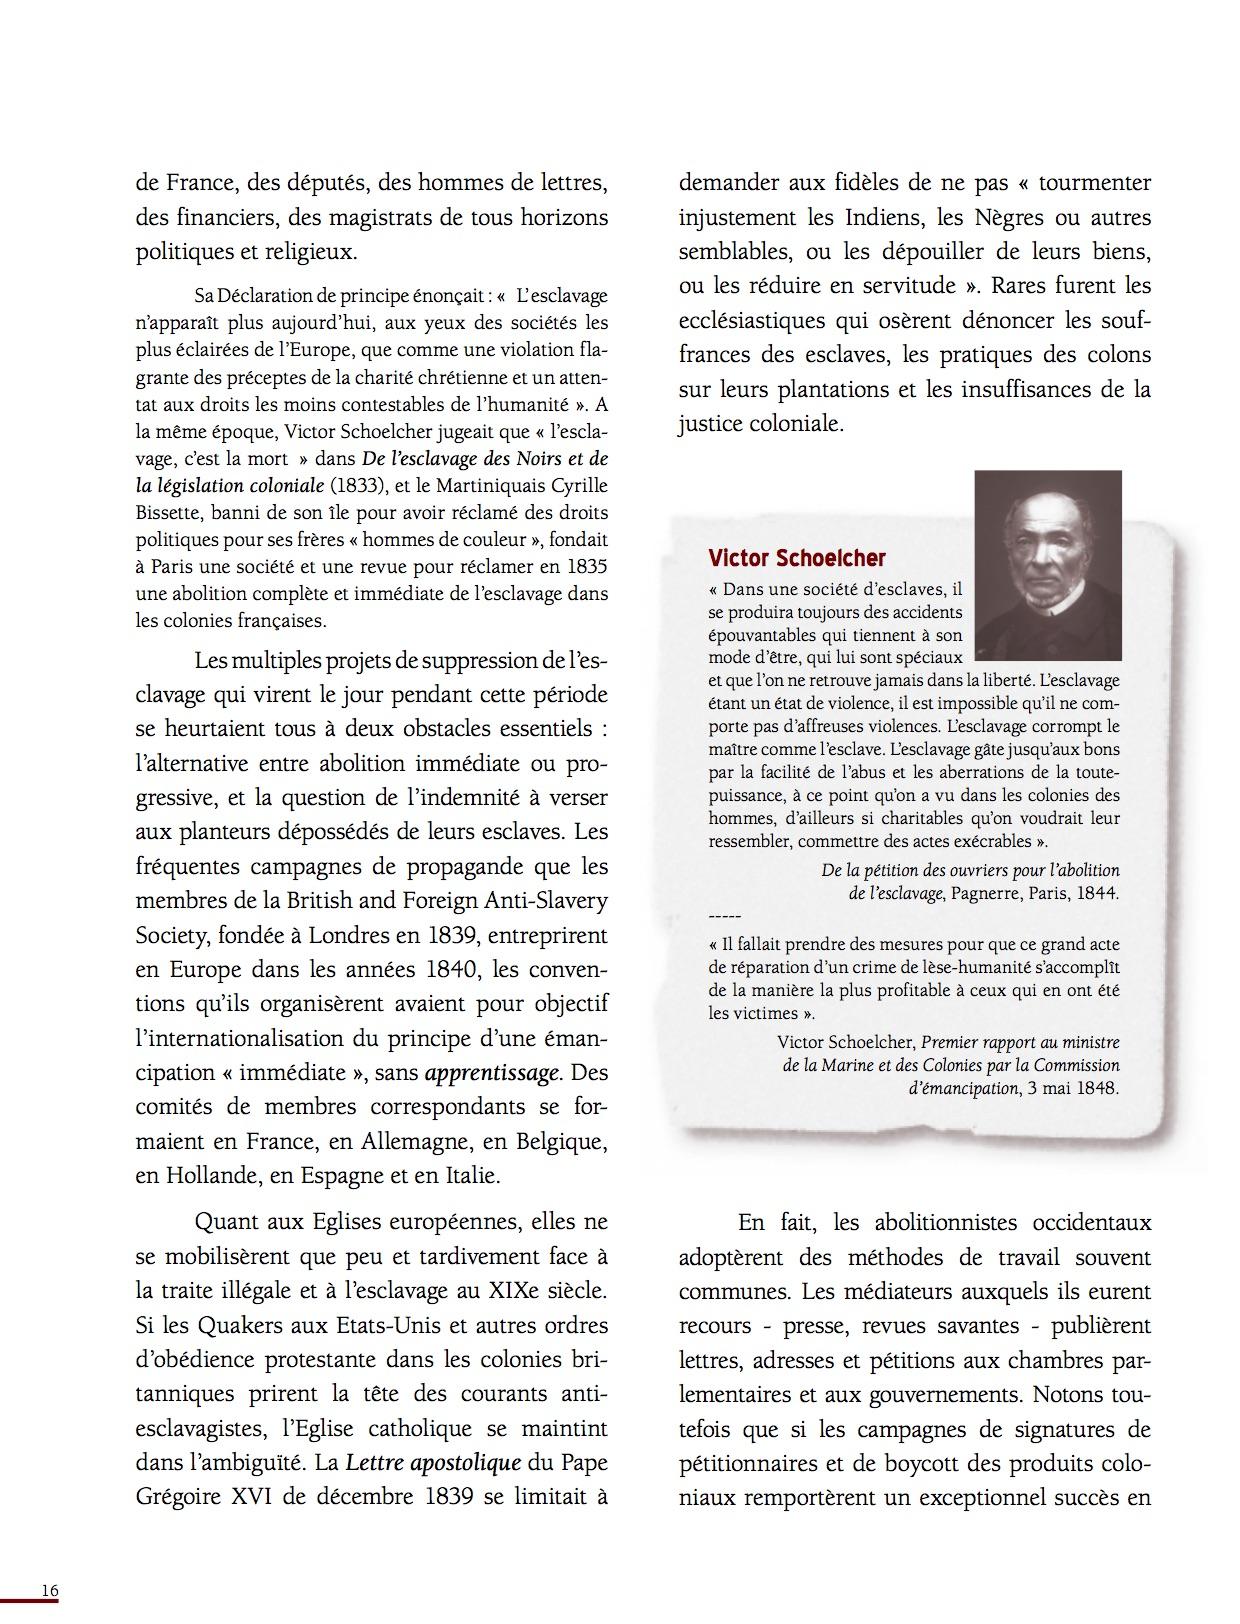 Unesco Luttes contre l'esclavage-16